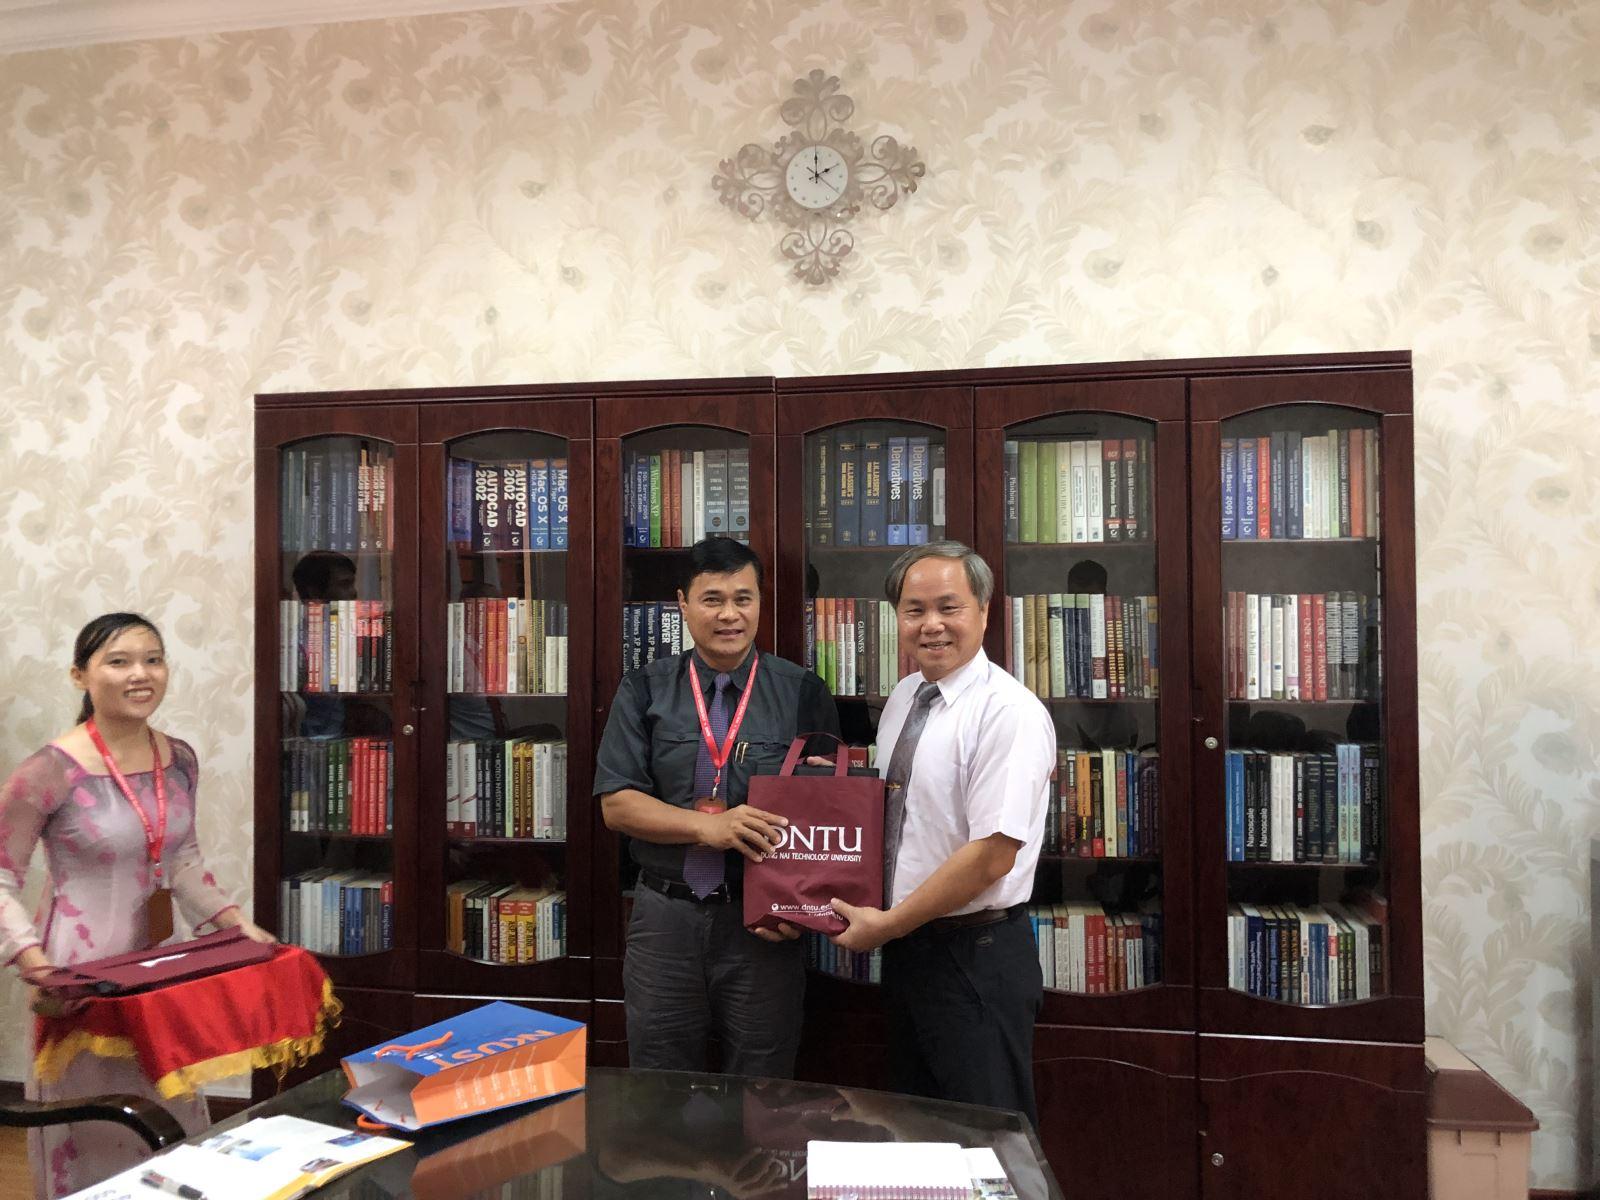 Trao đổi hợp tác giữa Trường Đại học Công nghệ Đồng Nai với Trường Đại học Khoa học Quốc gia Cao Hùng (Kaohshiung) Đài Loan